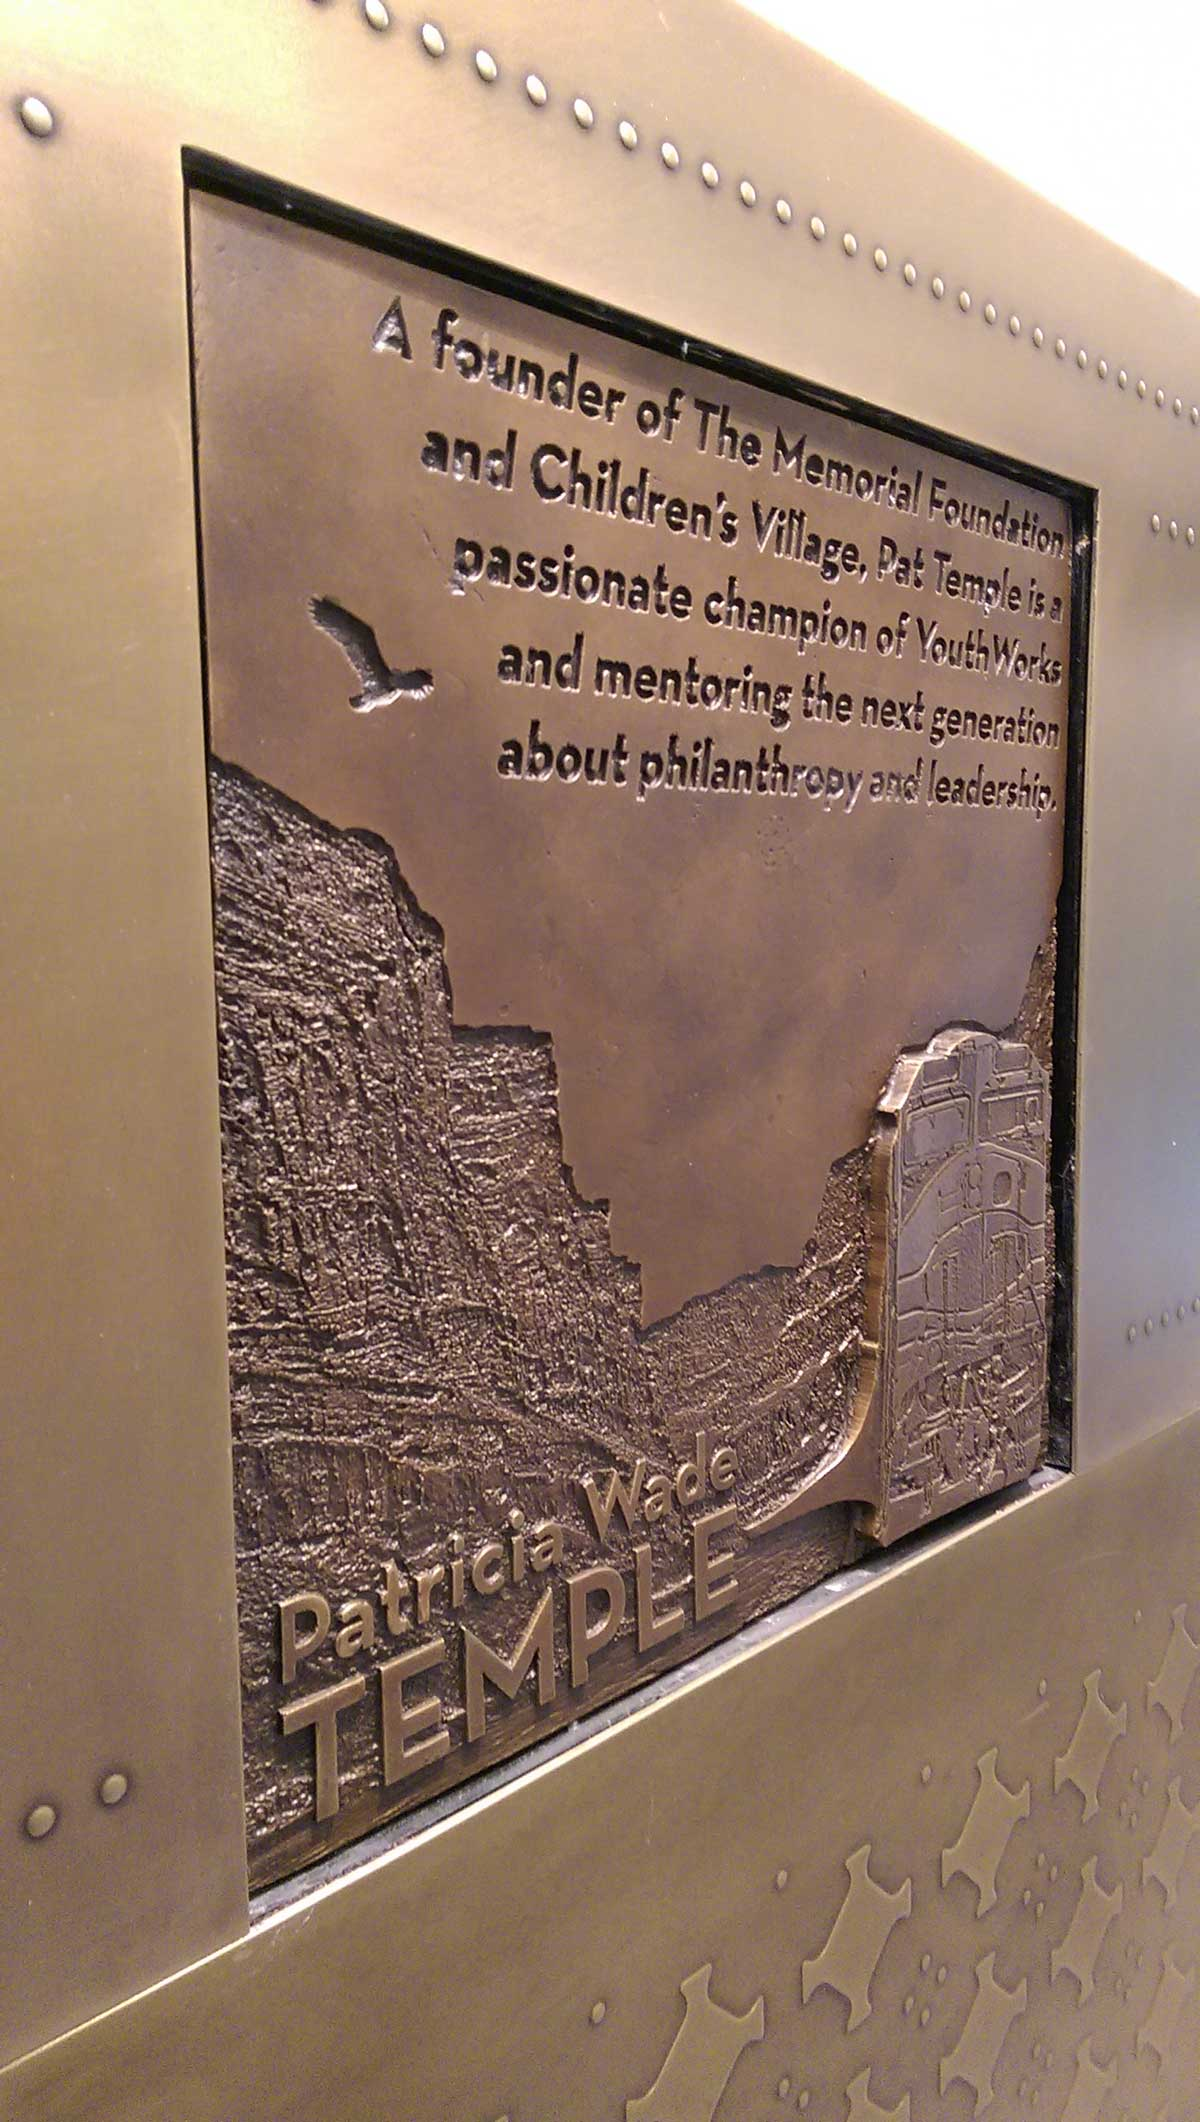 seattle-recognition-bronze-plaque-1